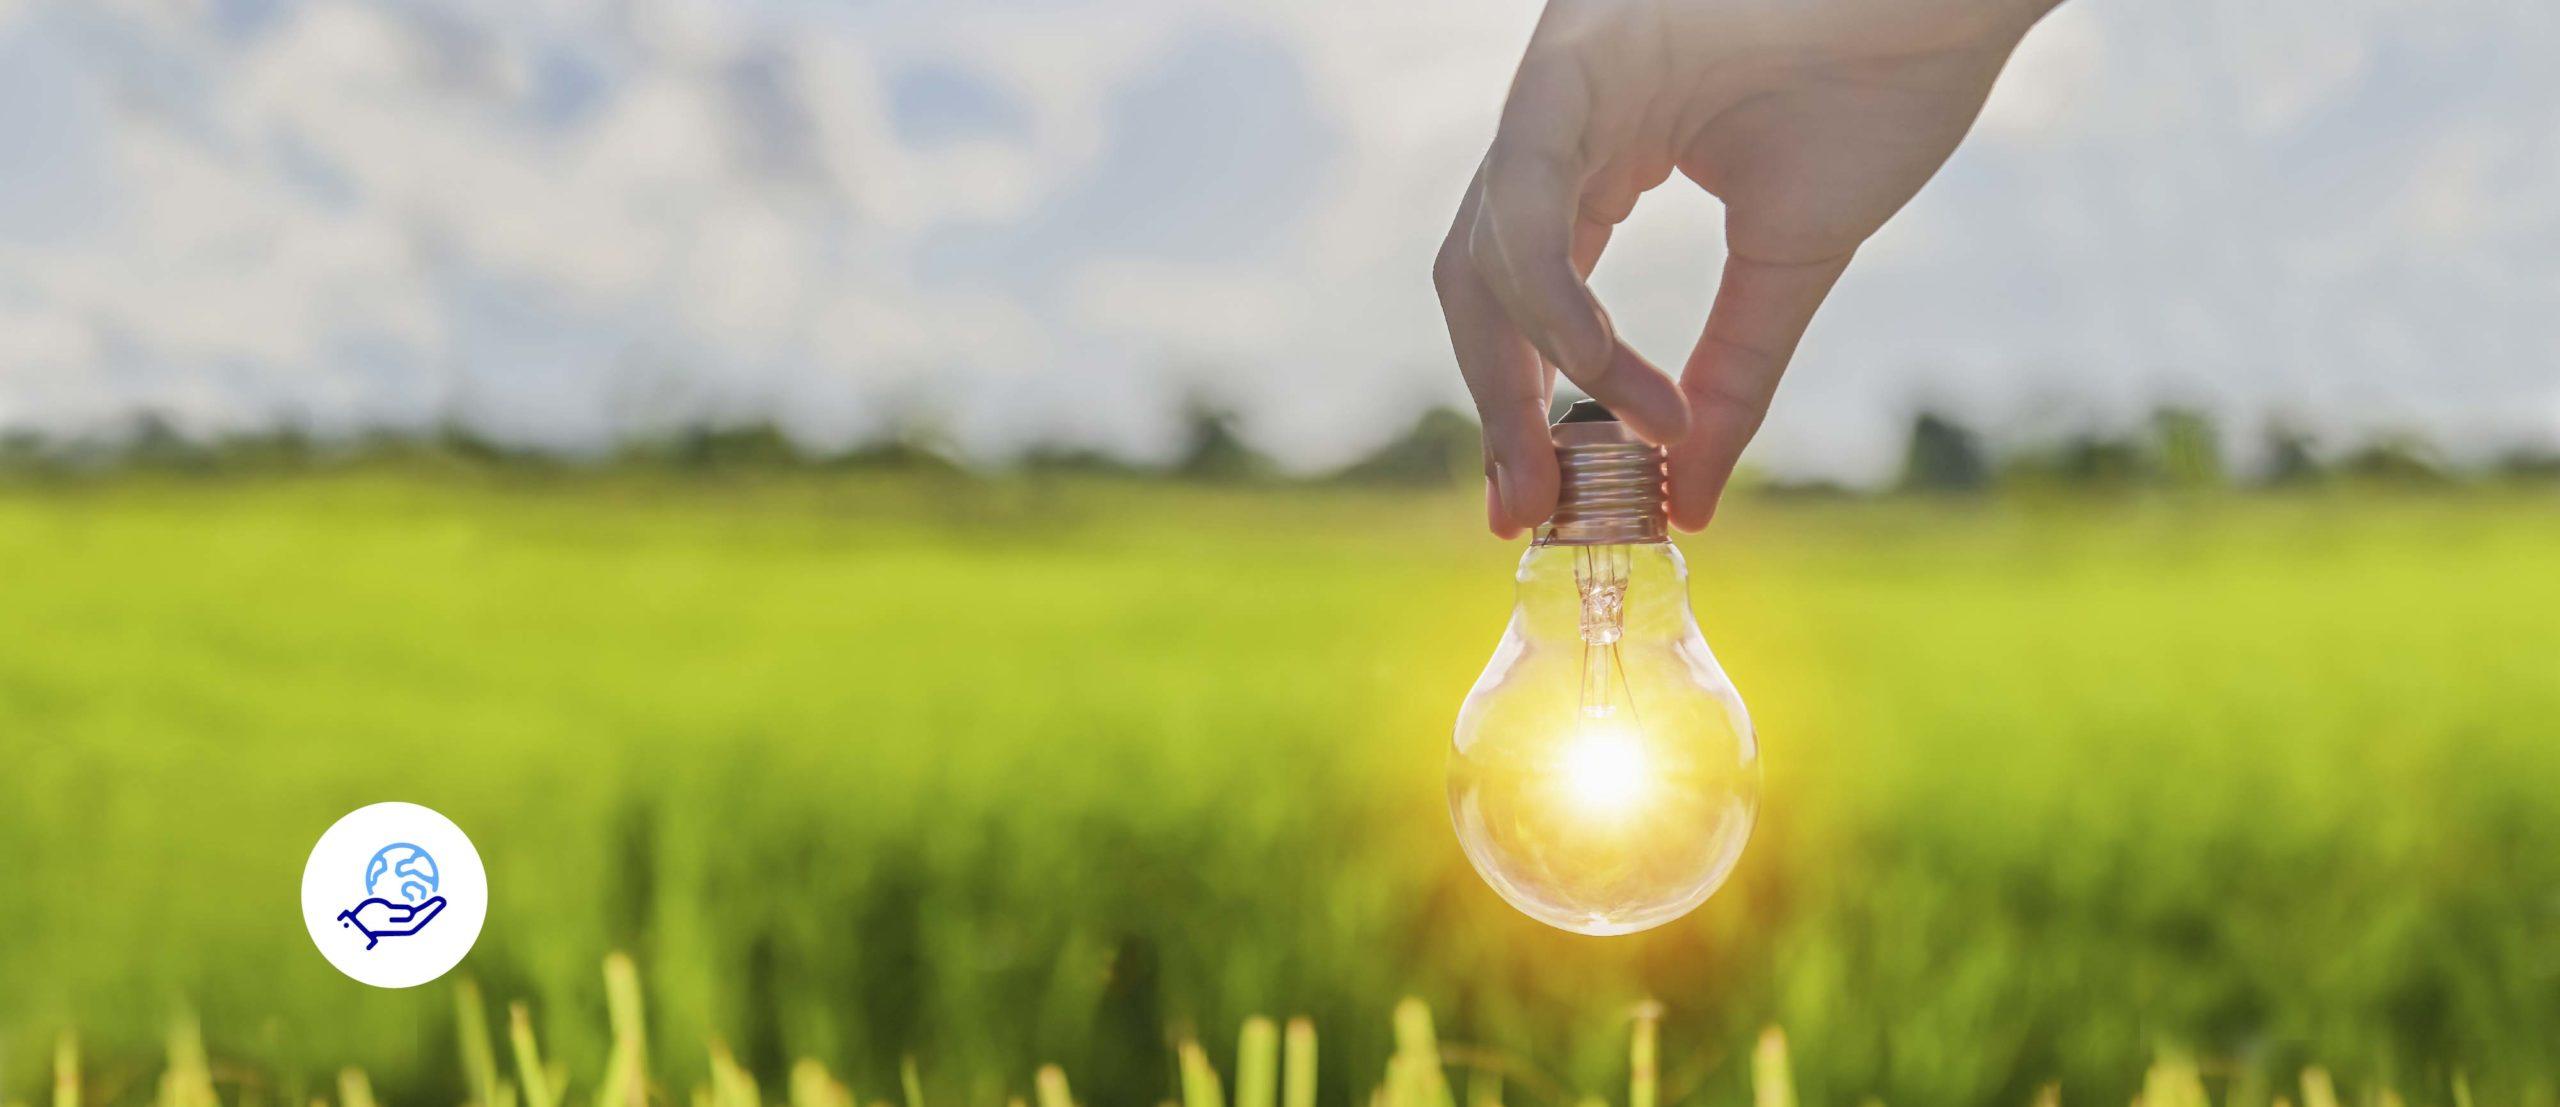 Unión Europea necesita innovación